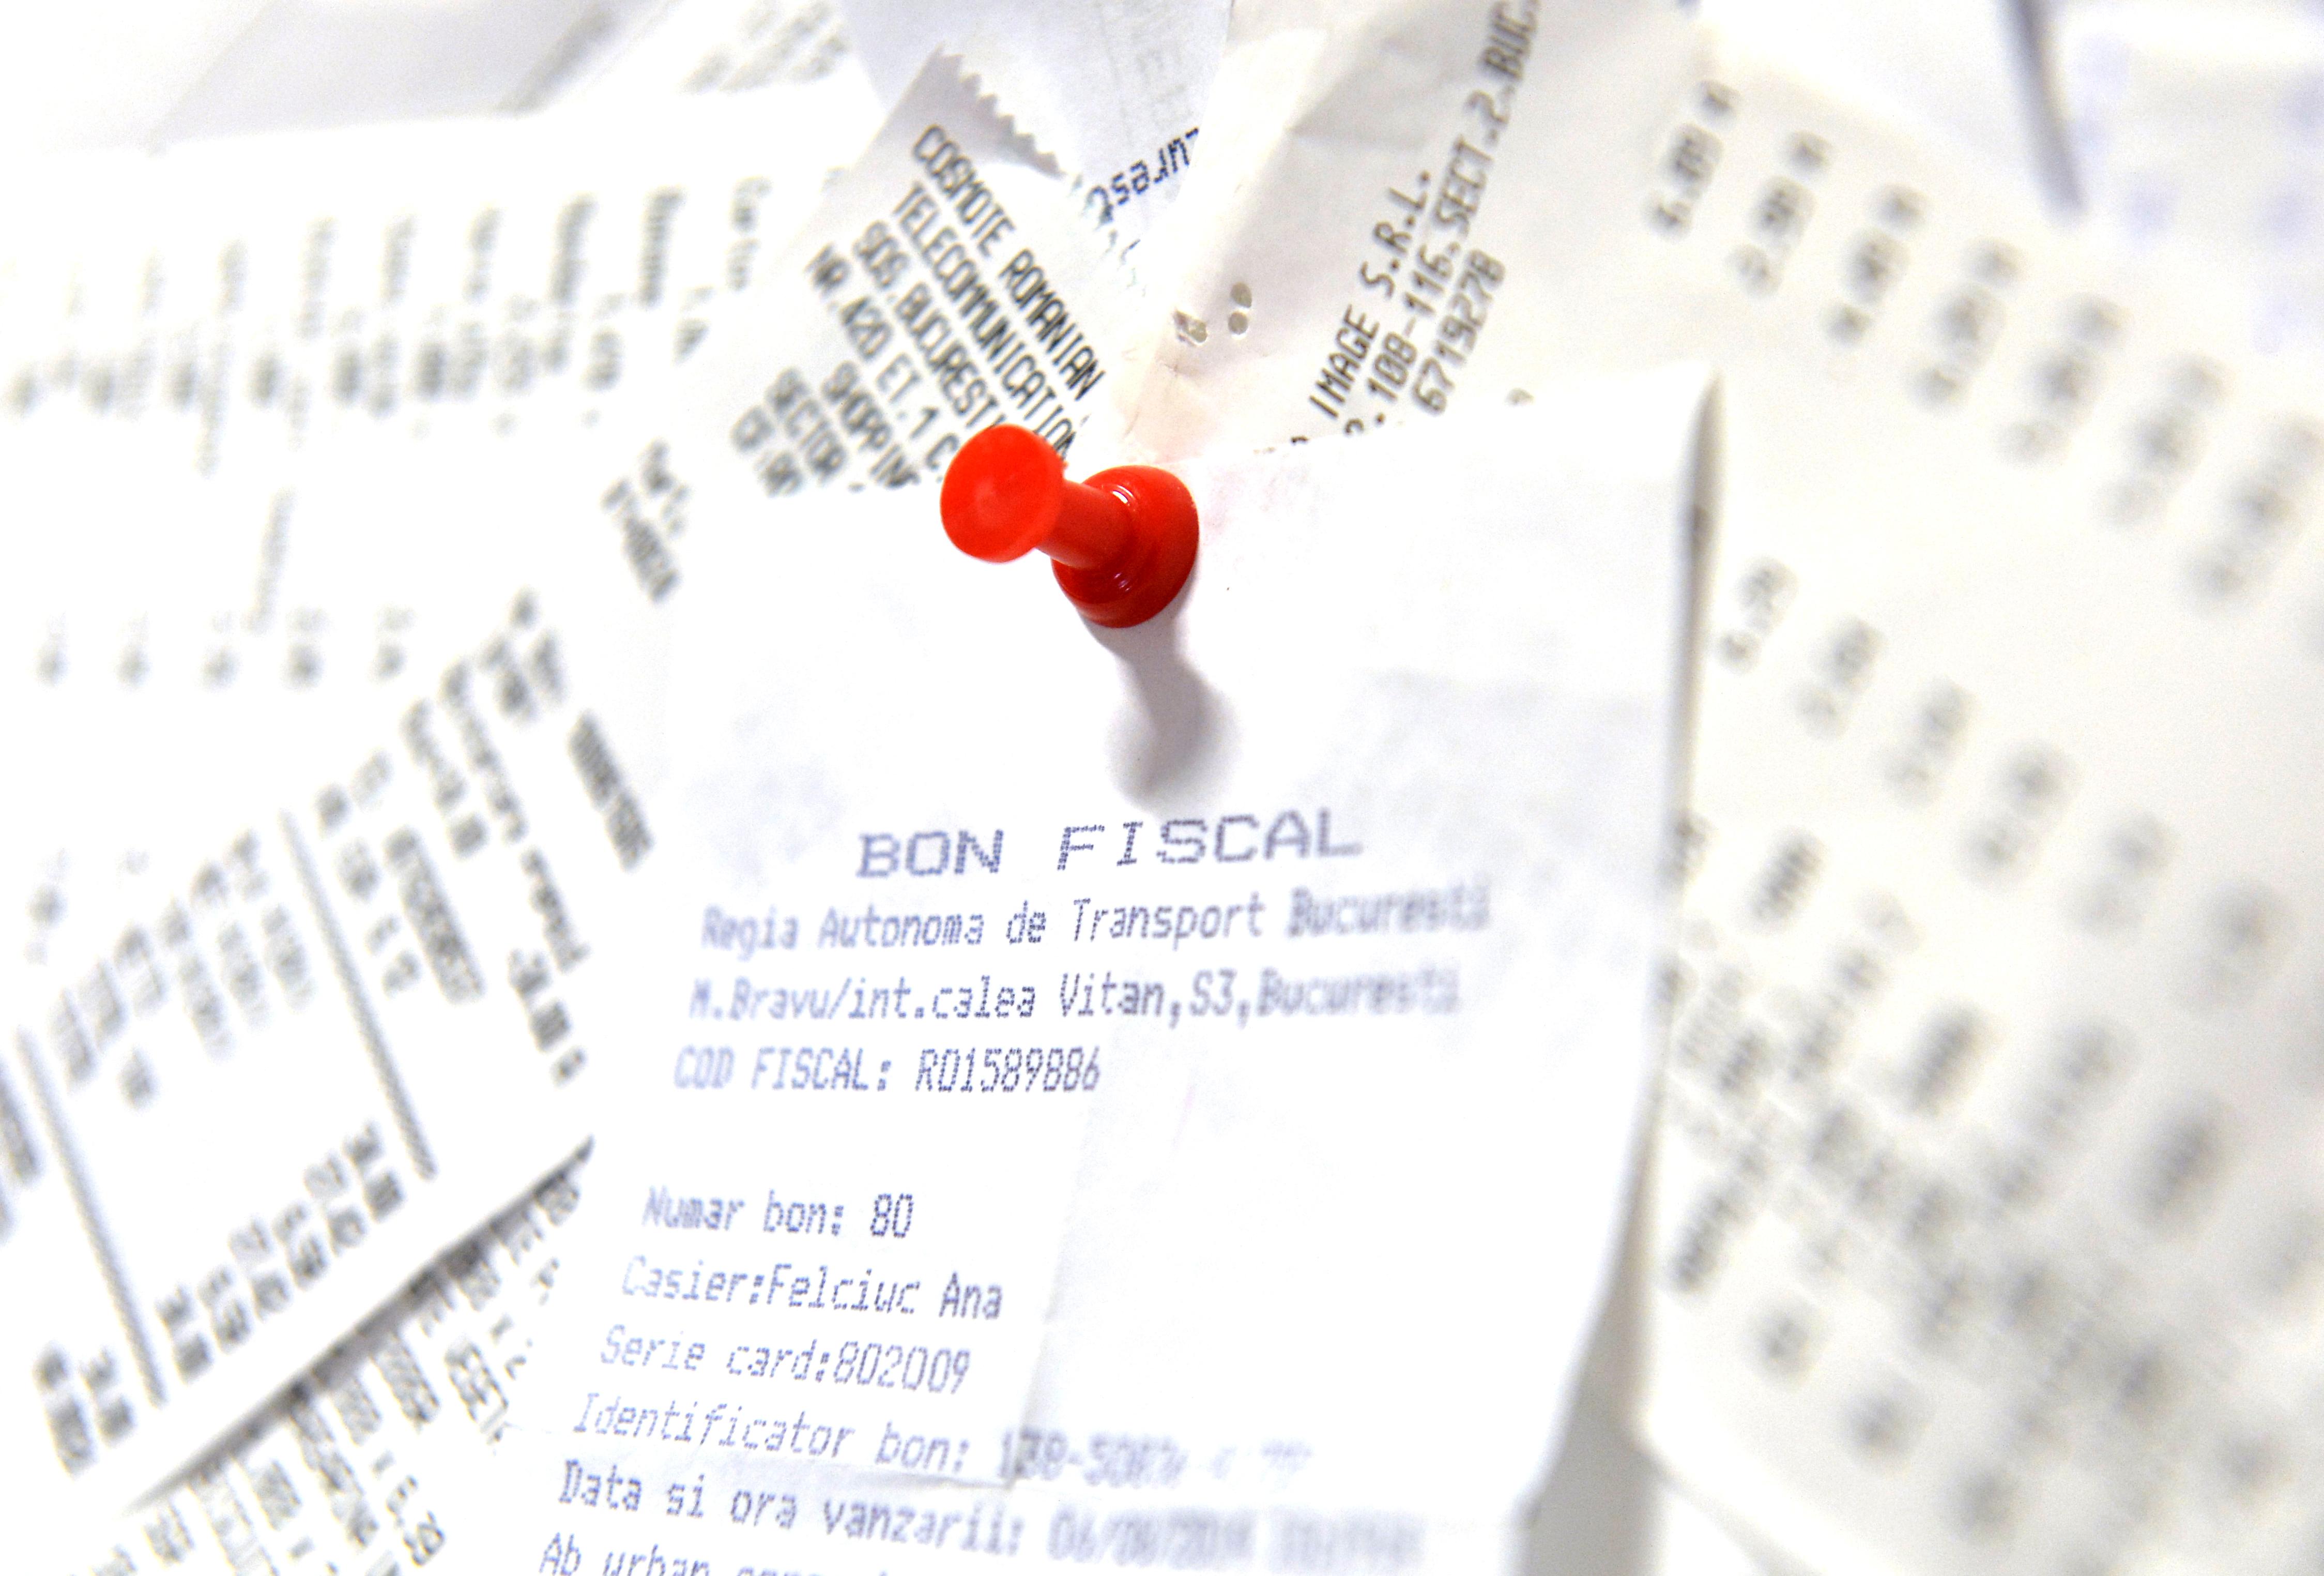 Patru castigatori isi impart premiul de 1 milion de lei la Loteria bonurilor fiscale. Cand are loc urmatoarea extragere